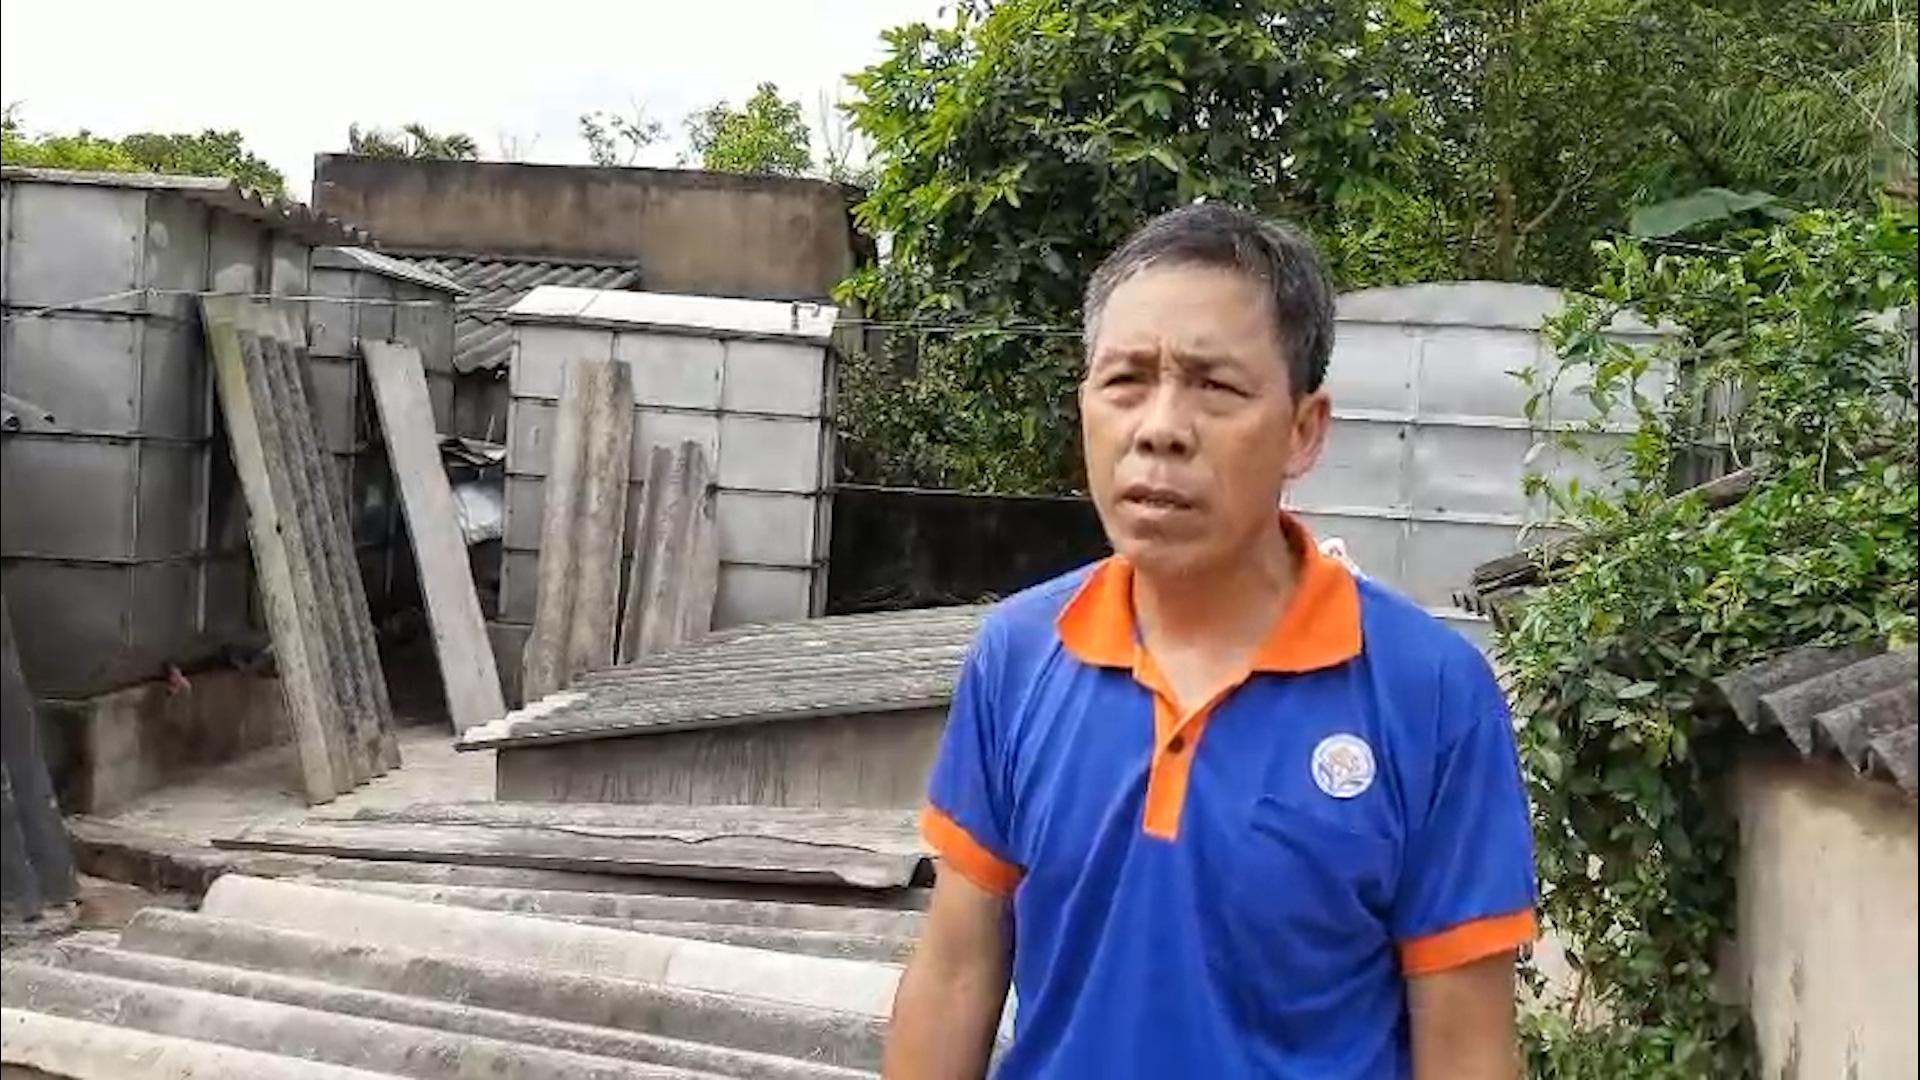 Quảng Trị: Dân kêu than vì phải sống bên hàng trăm tấn hải sản hôi thối suốt 5 năm - Ảnh 3.